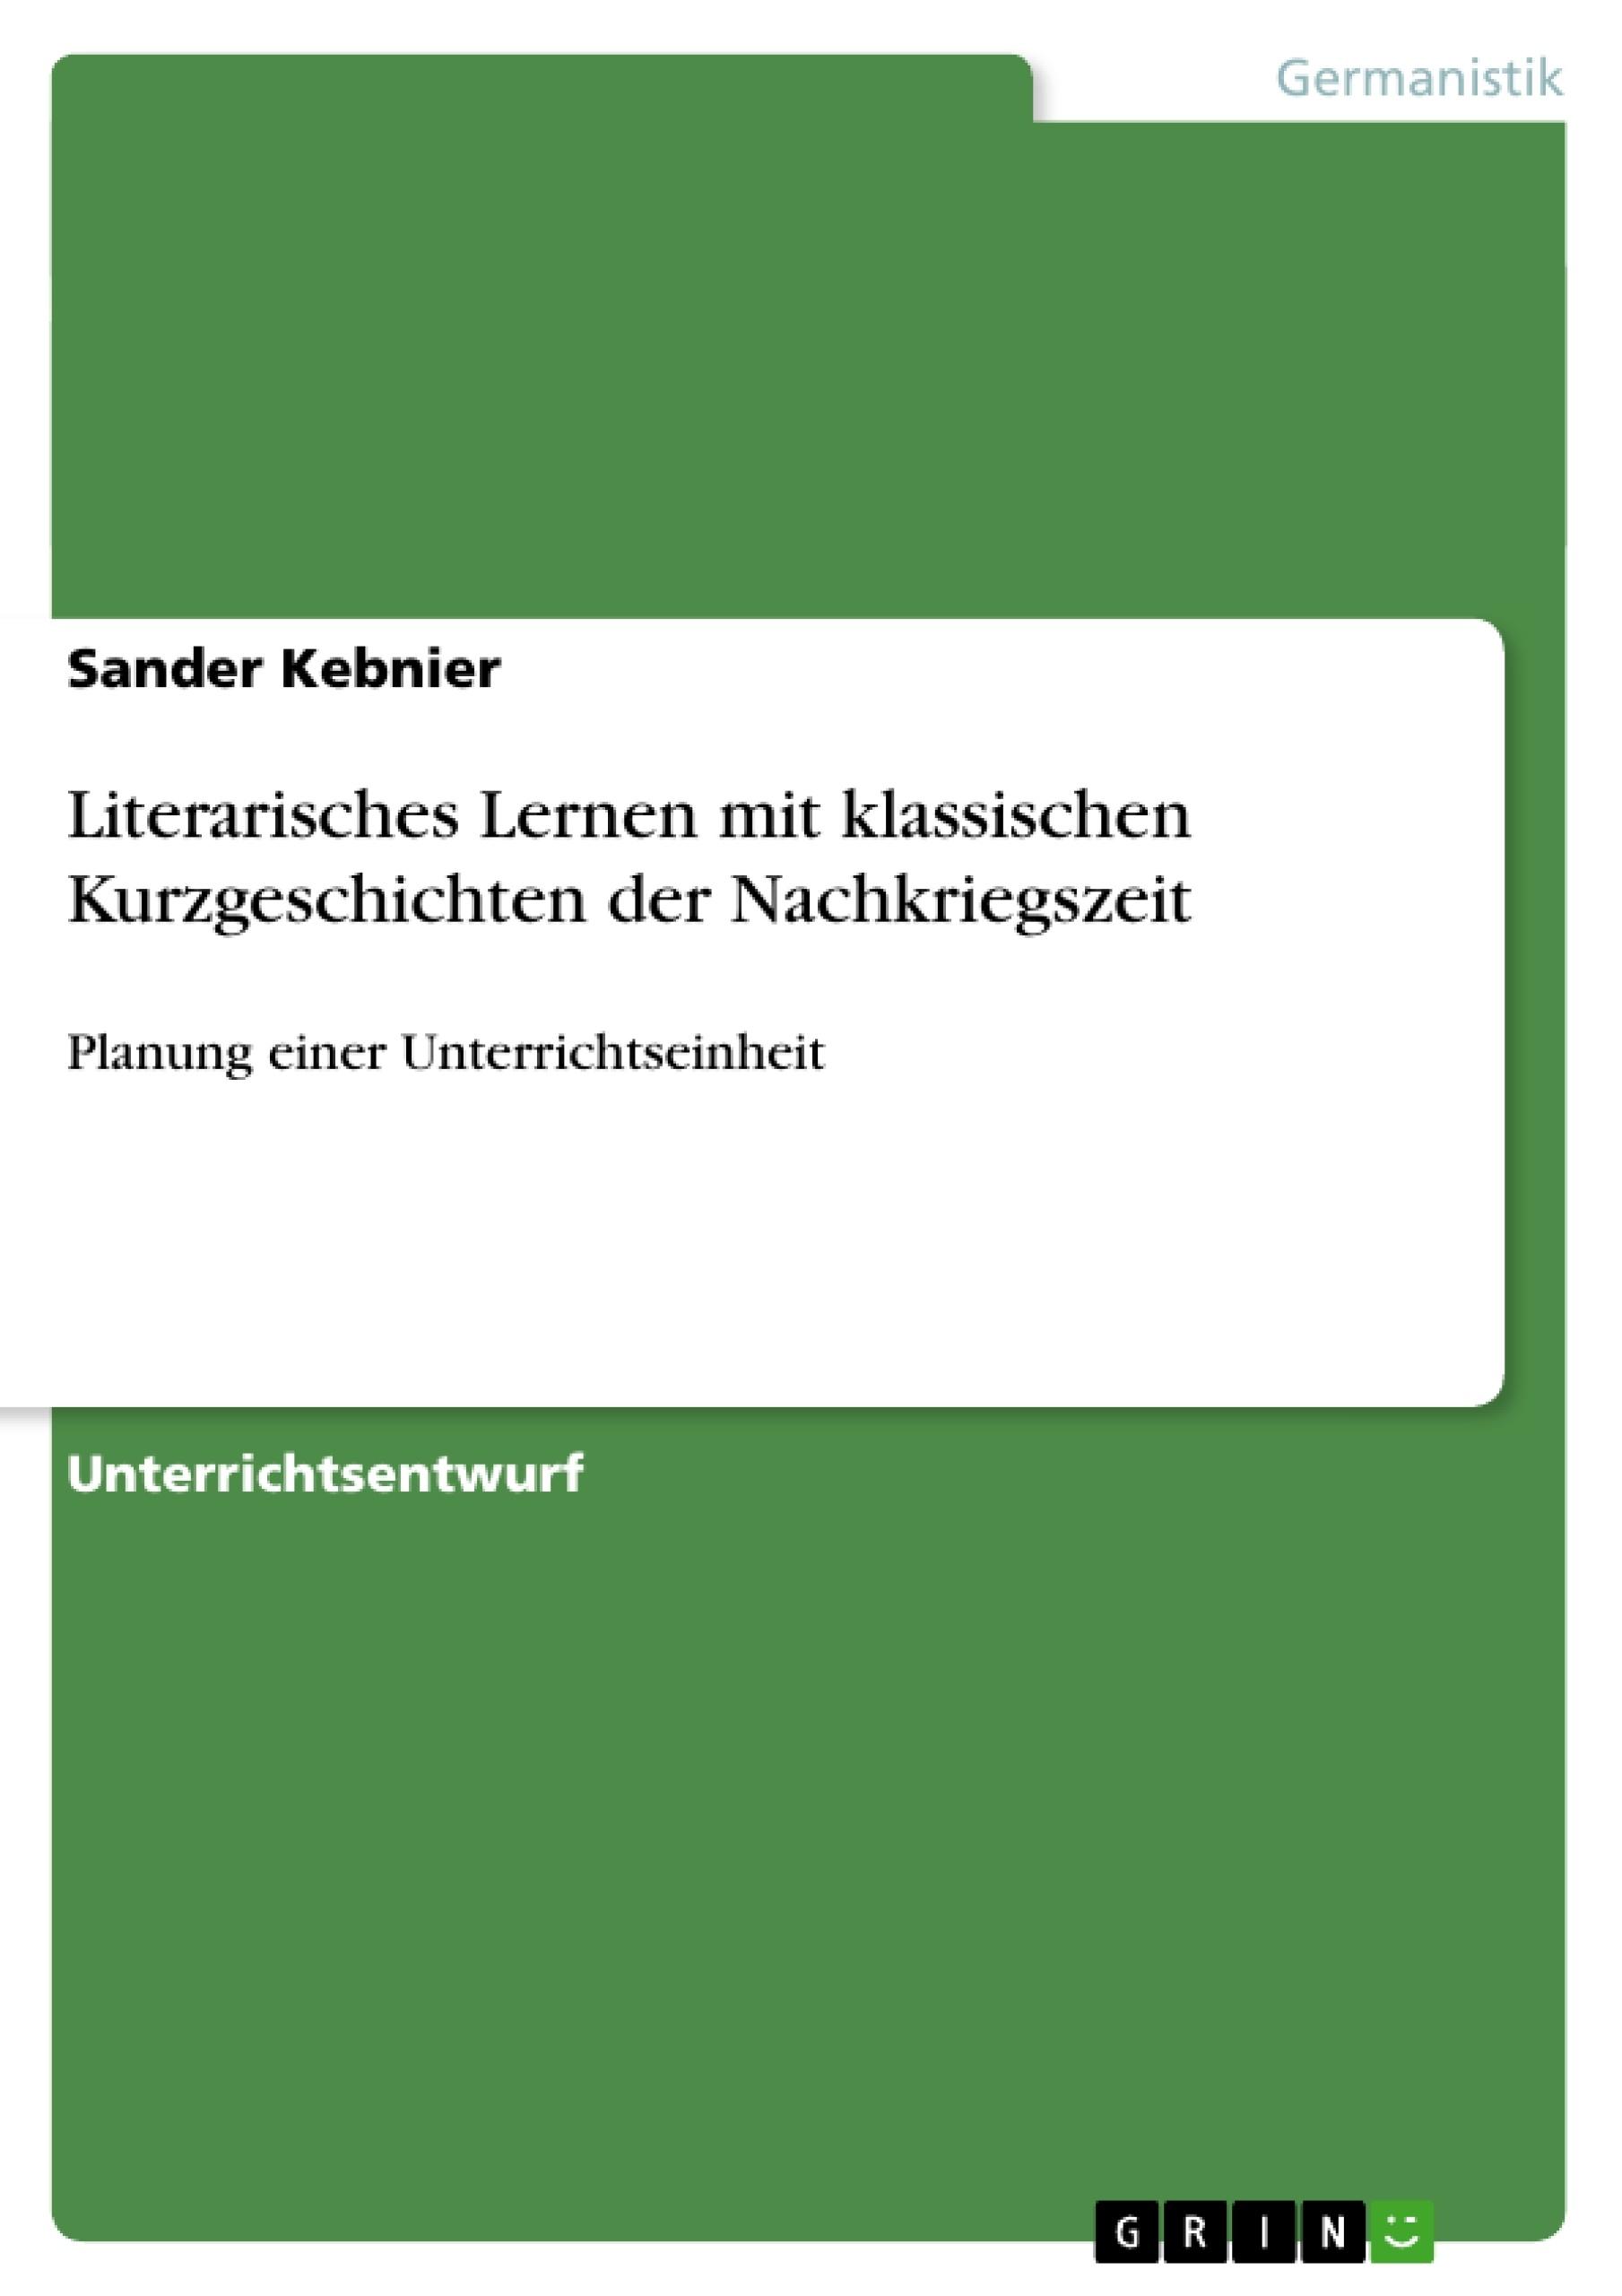 Titel: Literarisches Lernen mit klassischen Kurzgeschichten der Nachkriegszeit